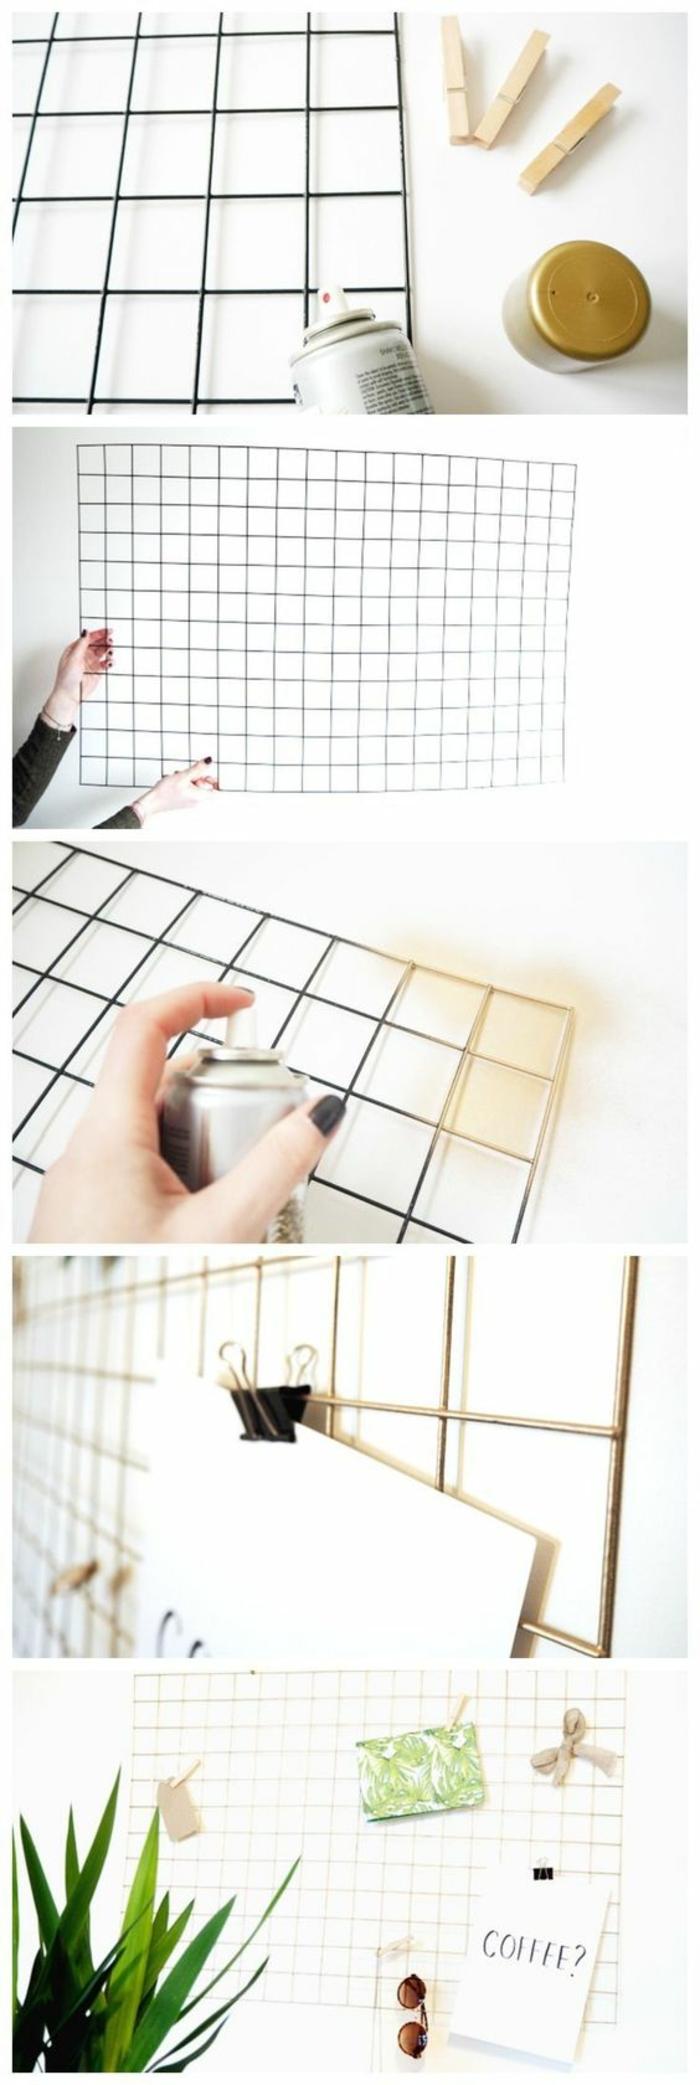 memoboard selber machen, draht mit sprayfarbe streichen, papierklemmen